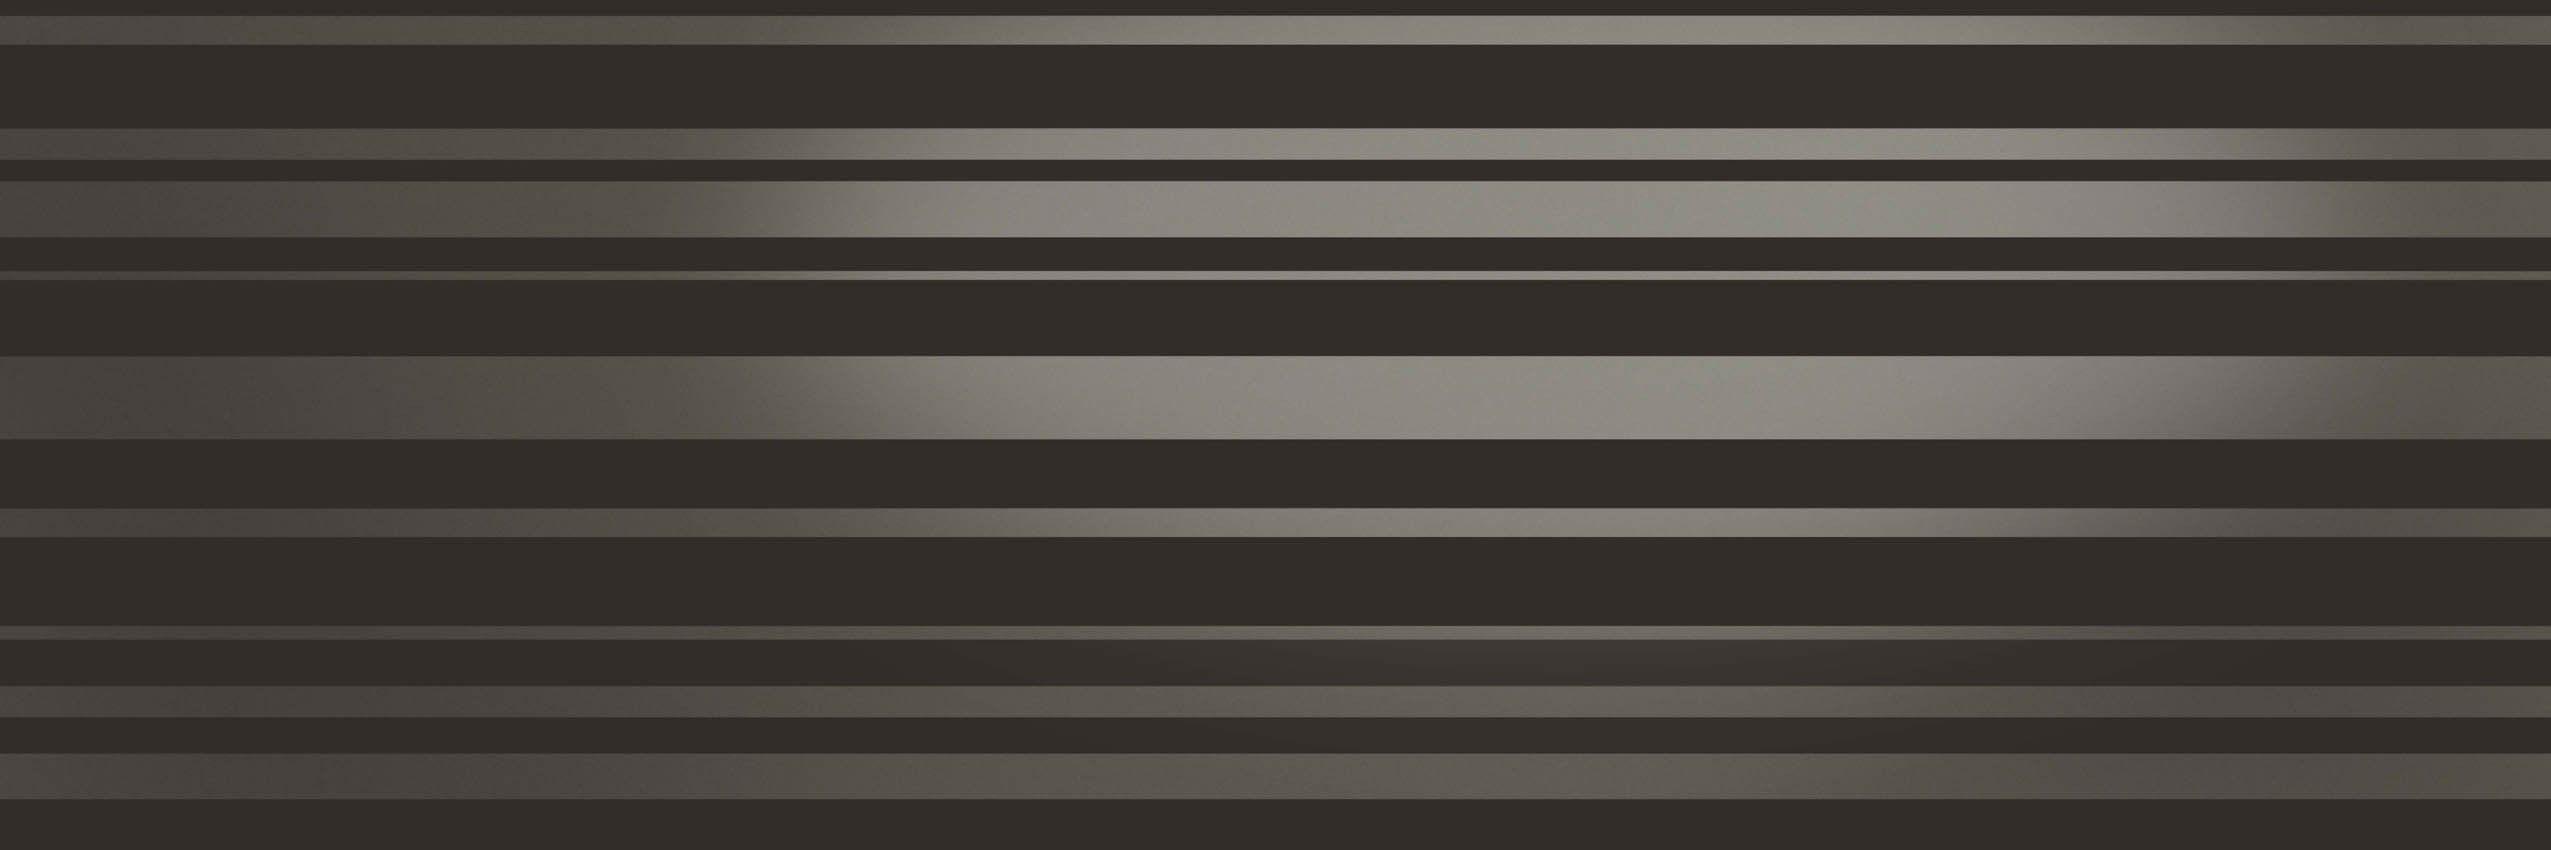 #Aparici #Neutral Negro Trace 29,75x89,46 cm   #Gres #tinta unita #29,75x89,46   su #casaebagno.it a 75 Euro/mq   #piastrelle #ceramica #pavimento #rivestimento #bagno #cucina #esterno